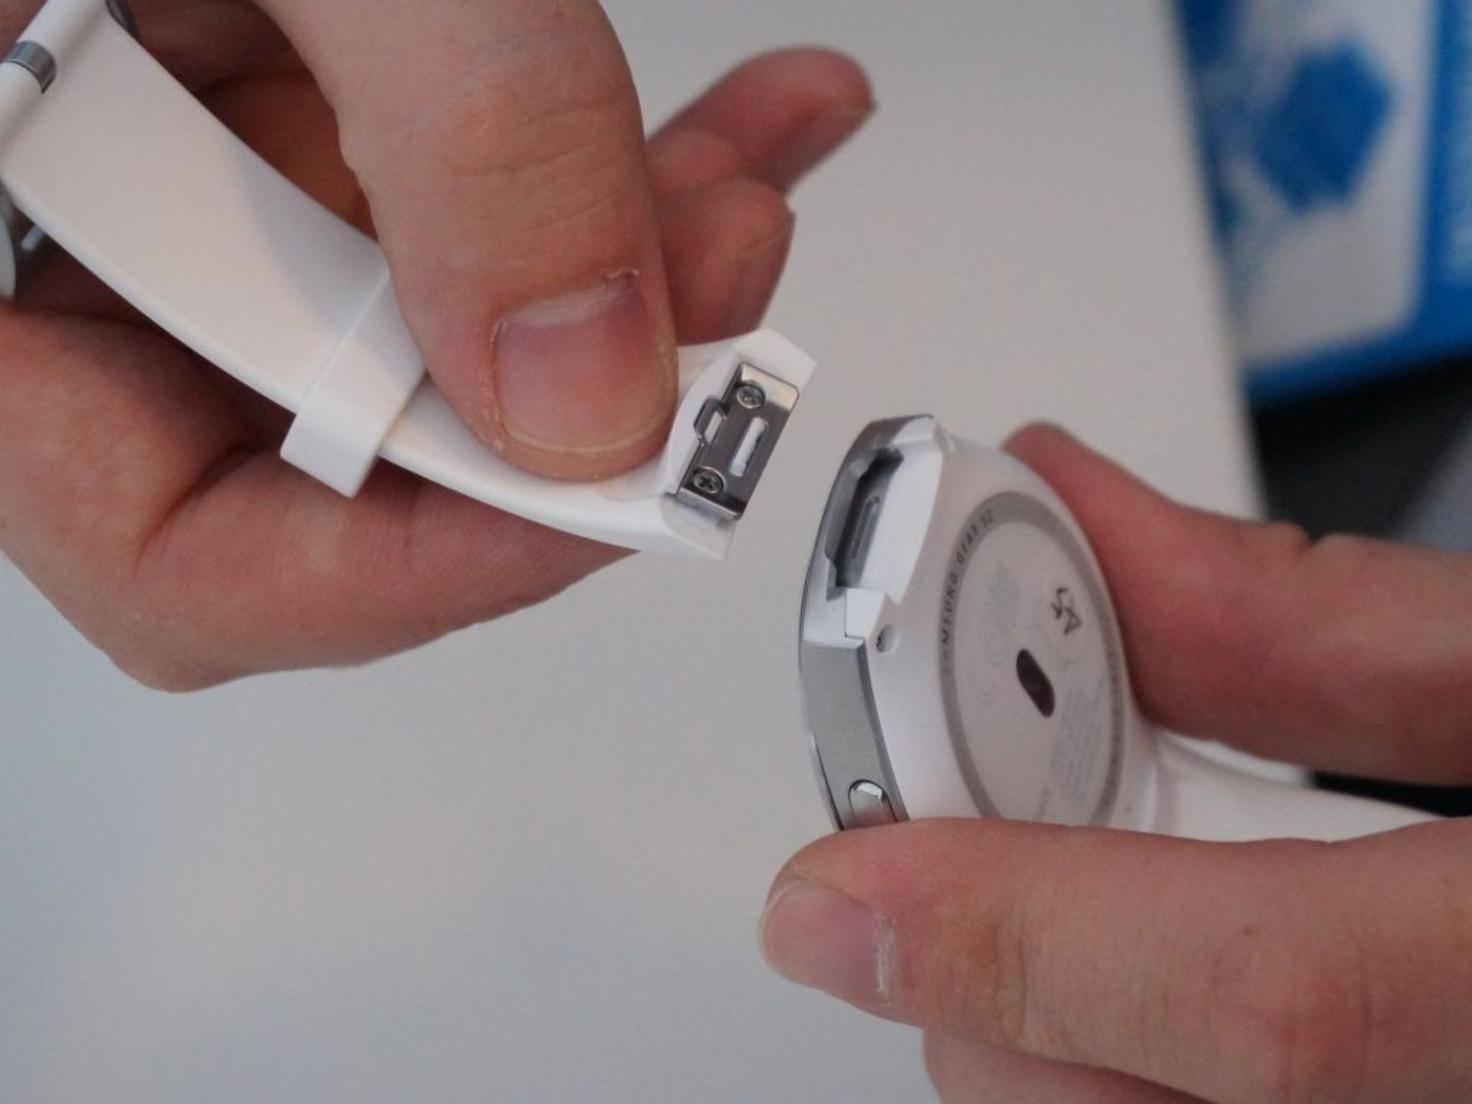 Die Armbänder können einfach abgenommen und ausgetauscht werden.